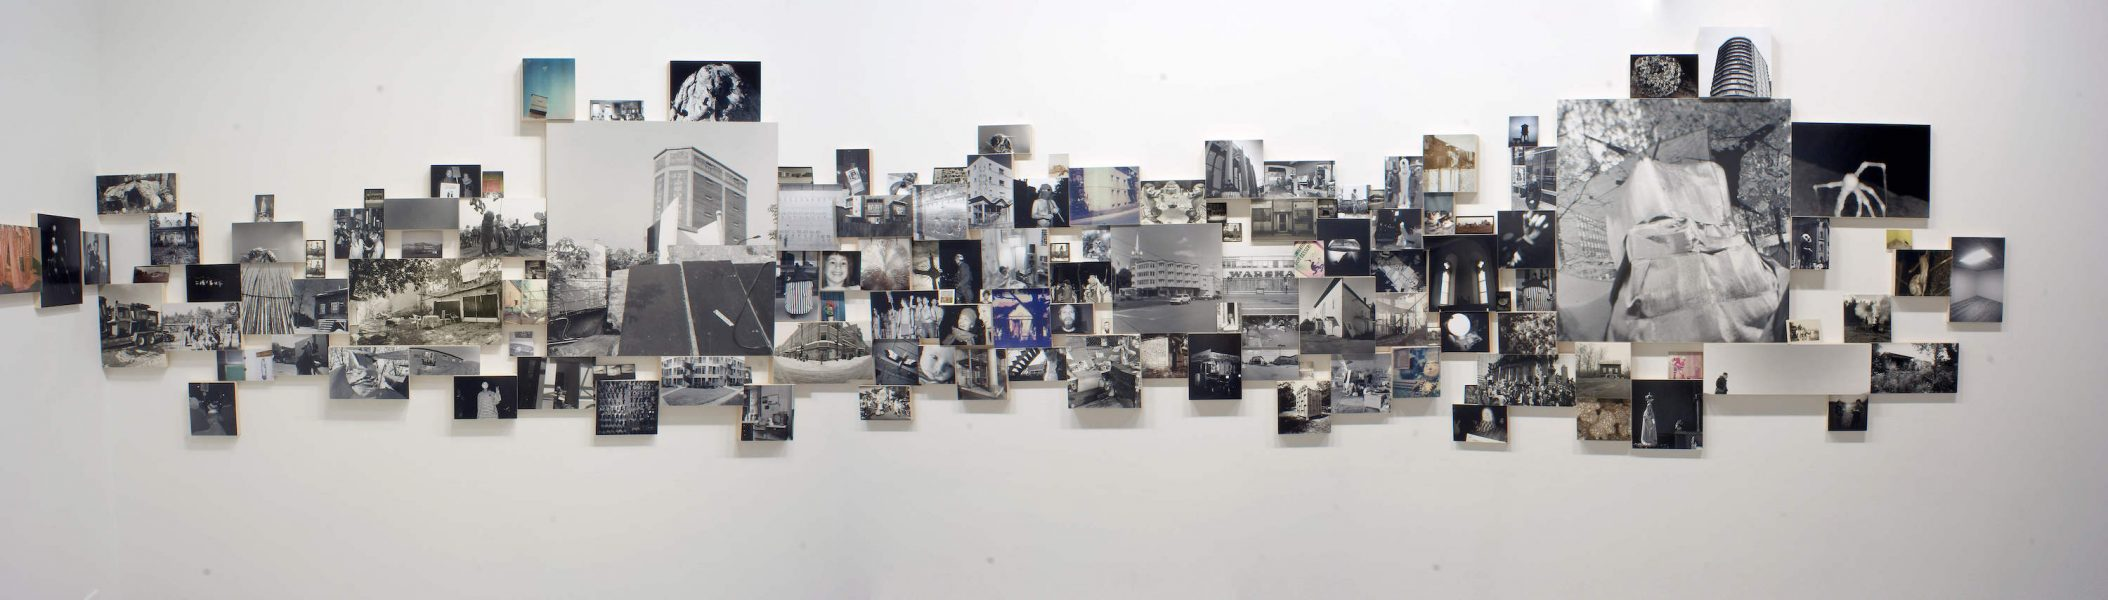 Yan Giguère, <i>Visites libres</i>, 2009-2013